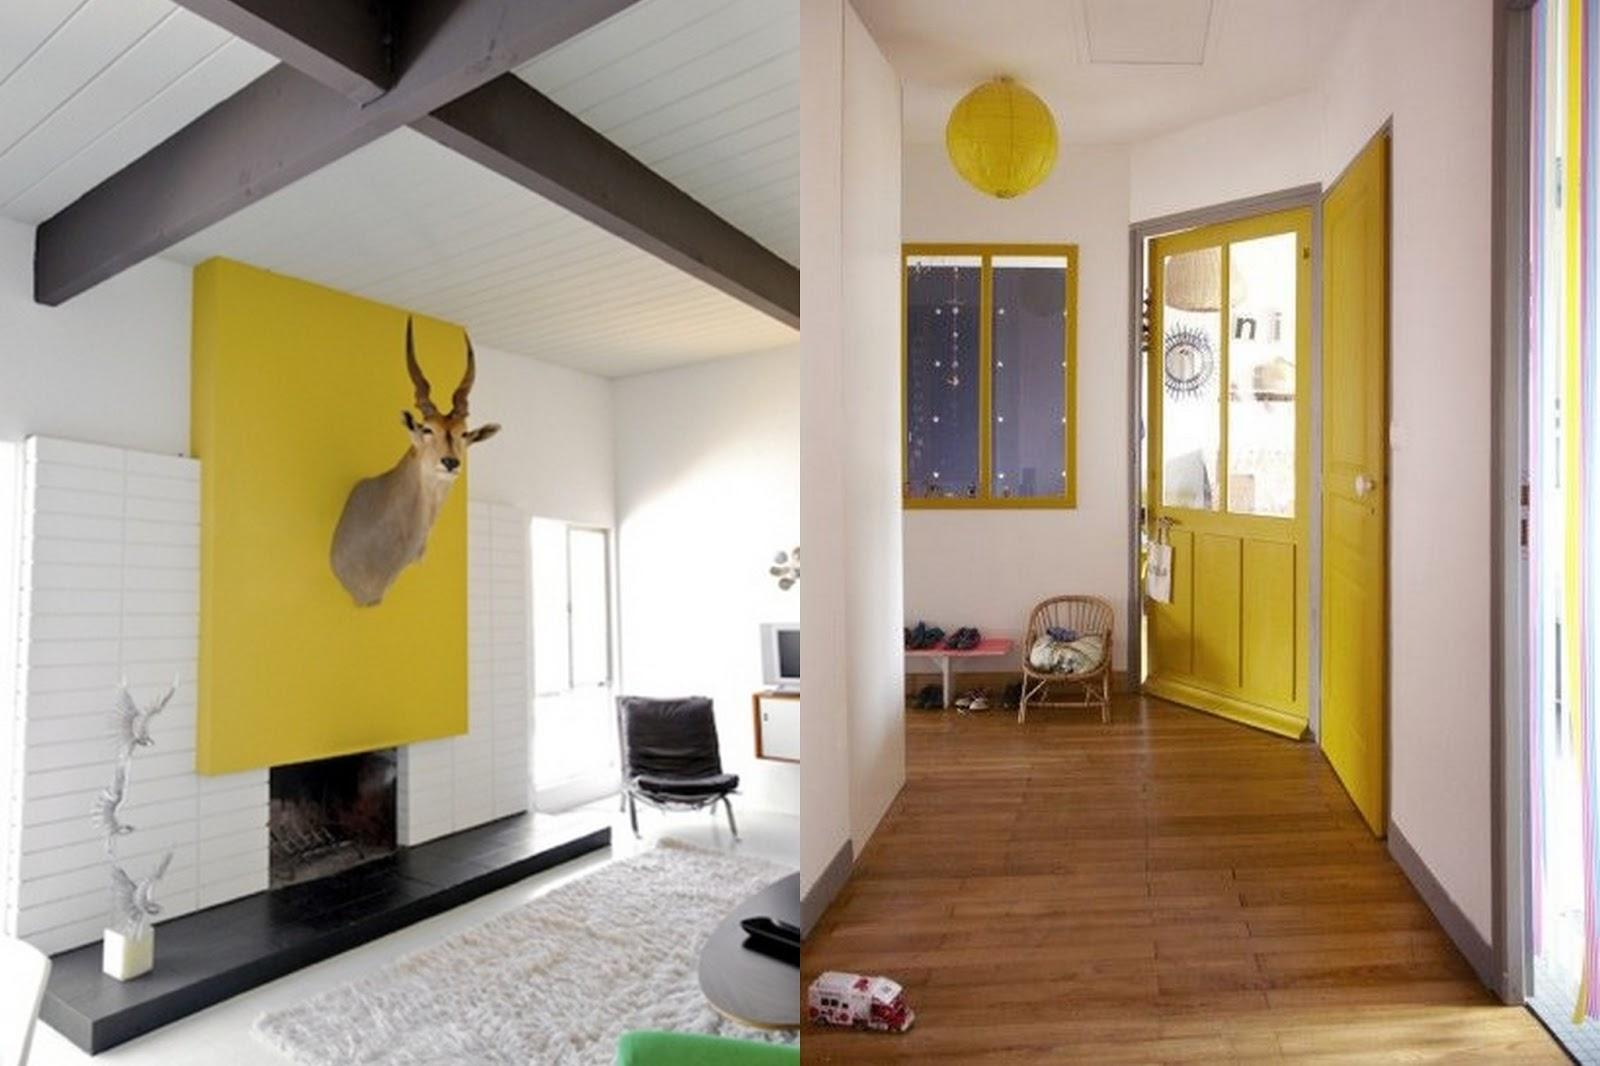 Casaenco kleur in je interieur - Kleur verf moderne woonkamer ...